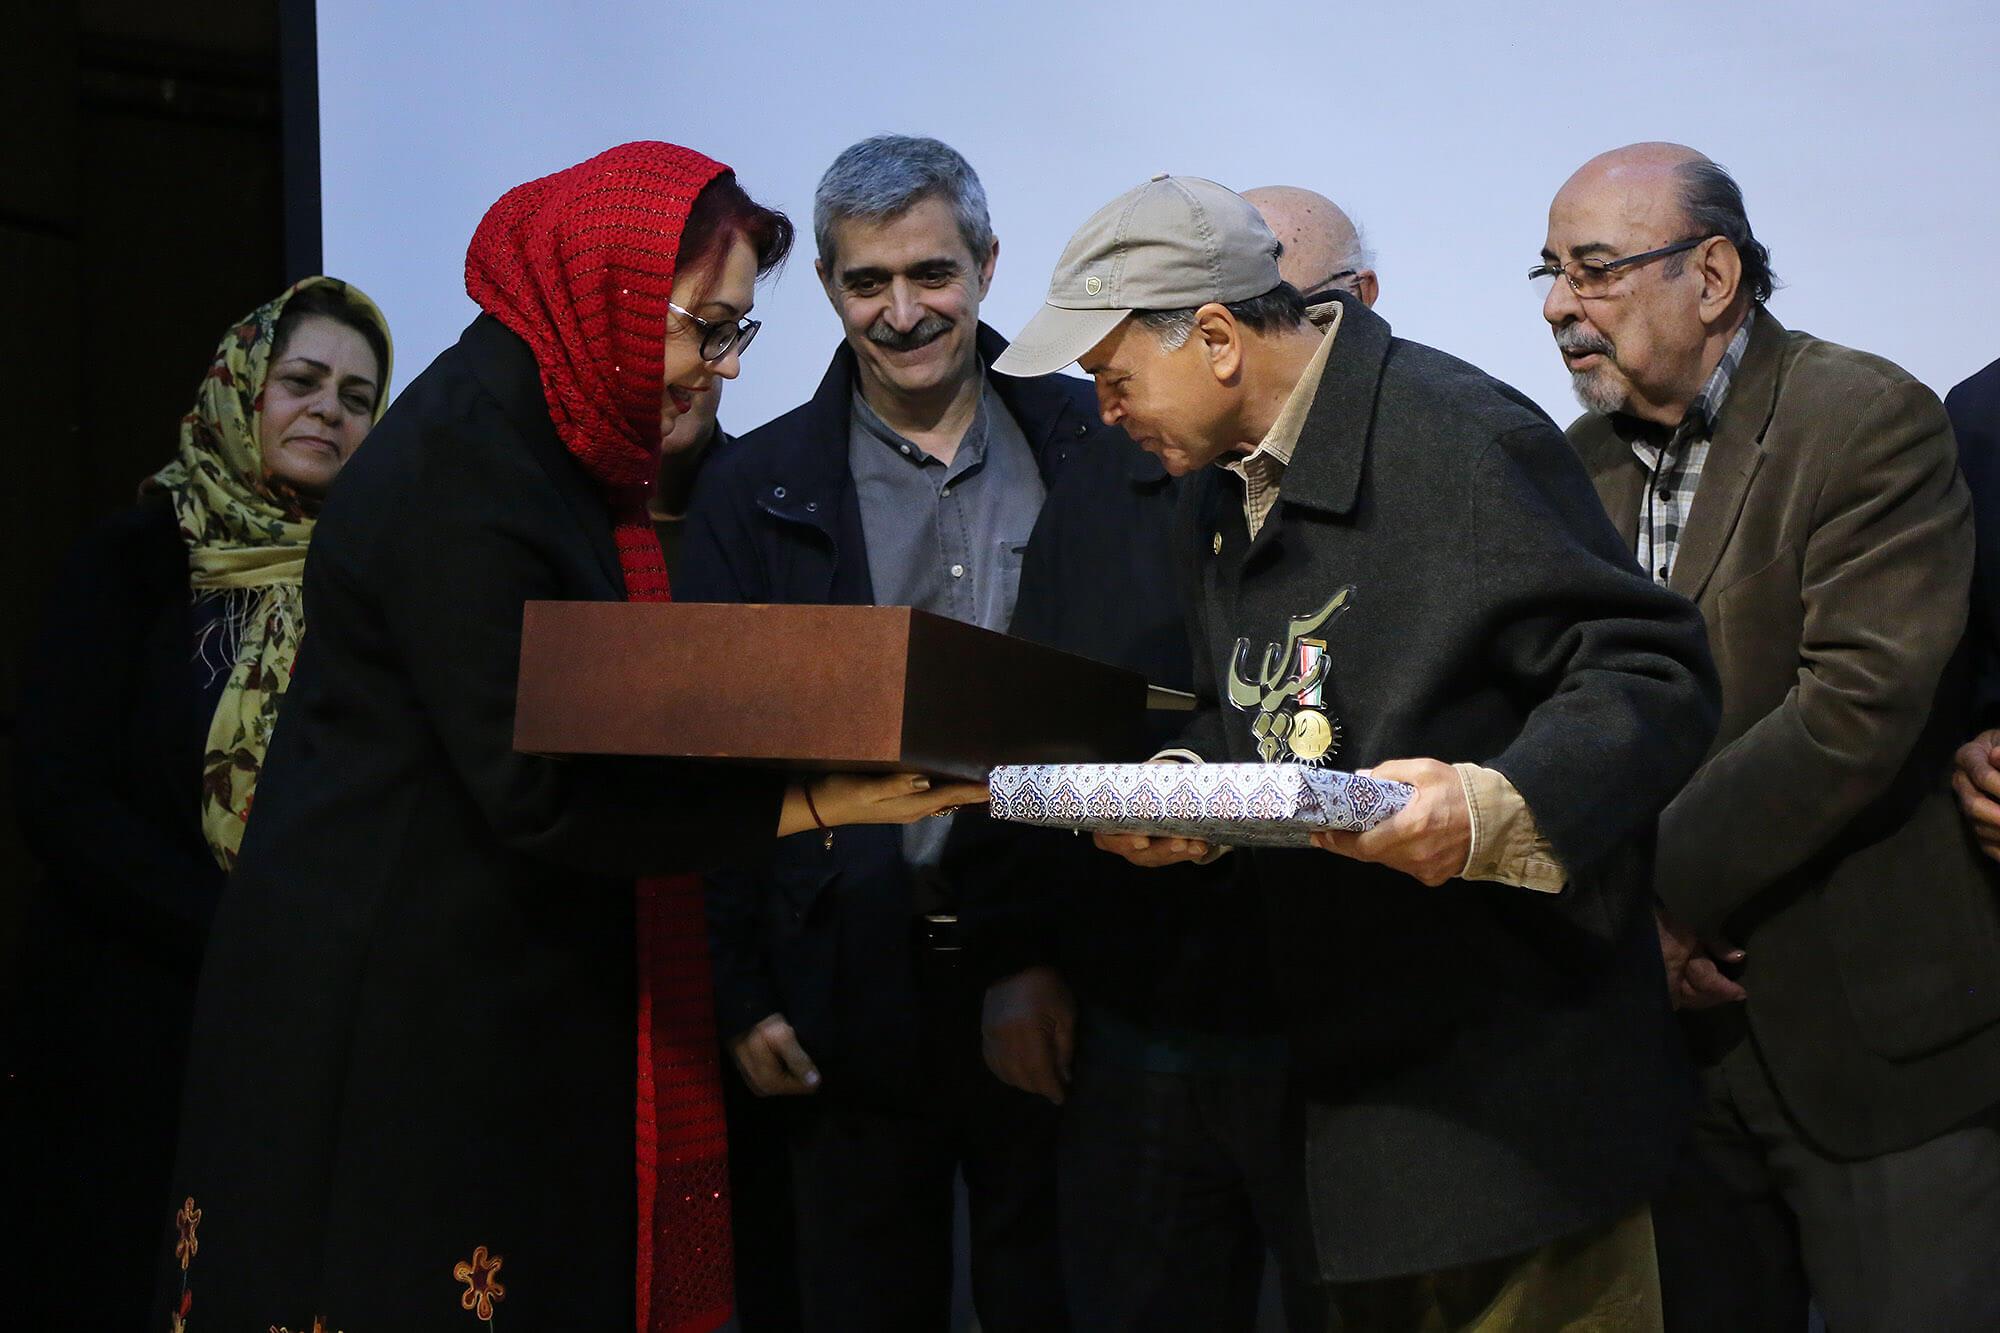 اهدای تابلو نفیس شاهنامه از سوی گروه هنری سی تاب به استاد افشین بختیار